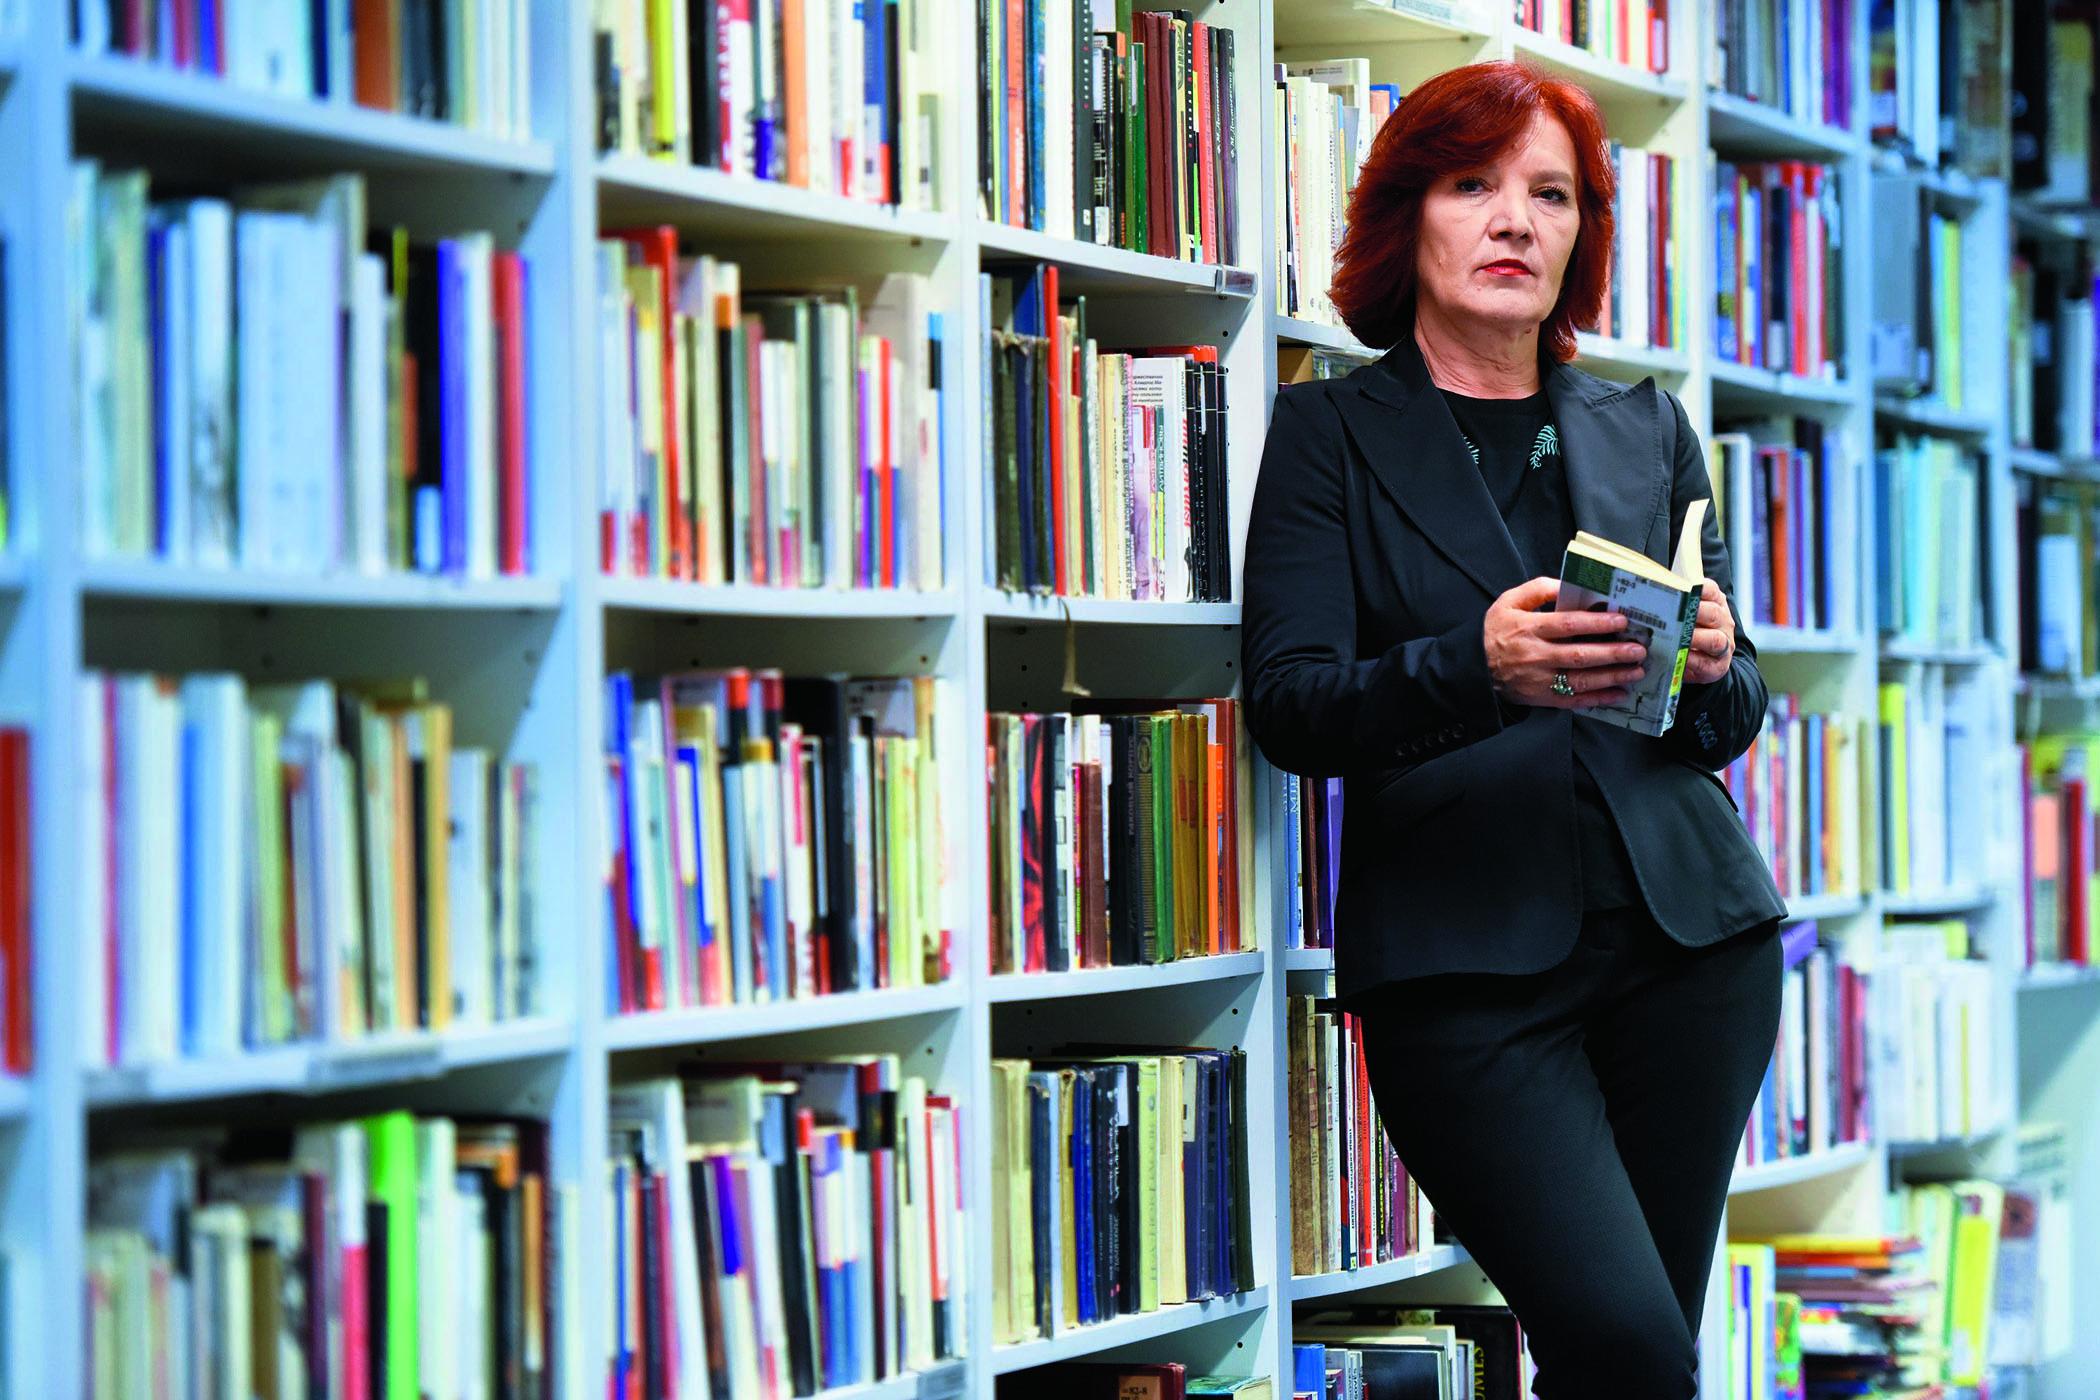 Jasna Kovačević, voditeljica Knjižnice i čitaonice Bogdan Ogrizović